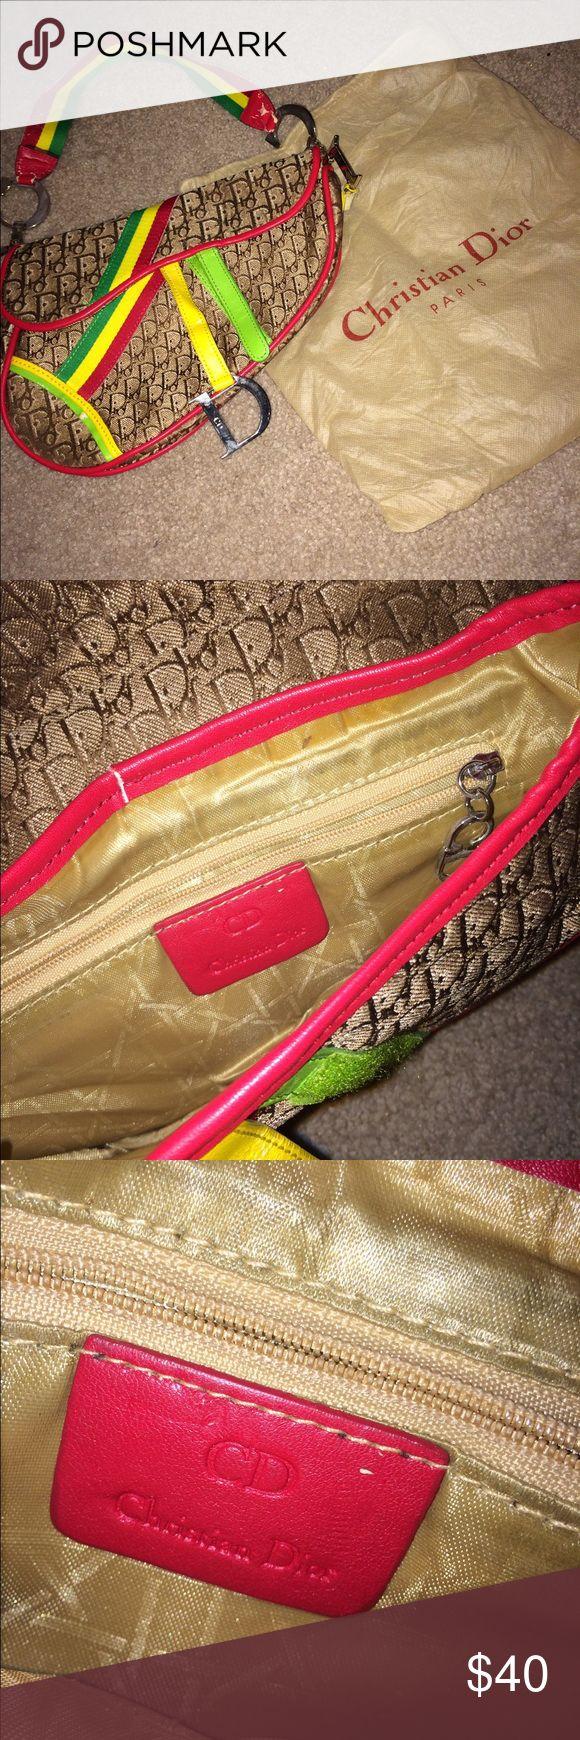 Christian Dior Designer Shoulder Bag Rasta Colored Small Shoulder Bag Christian Dior Bags Shoulder Bags